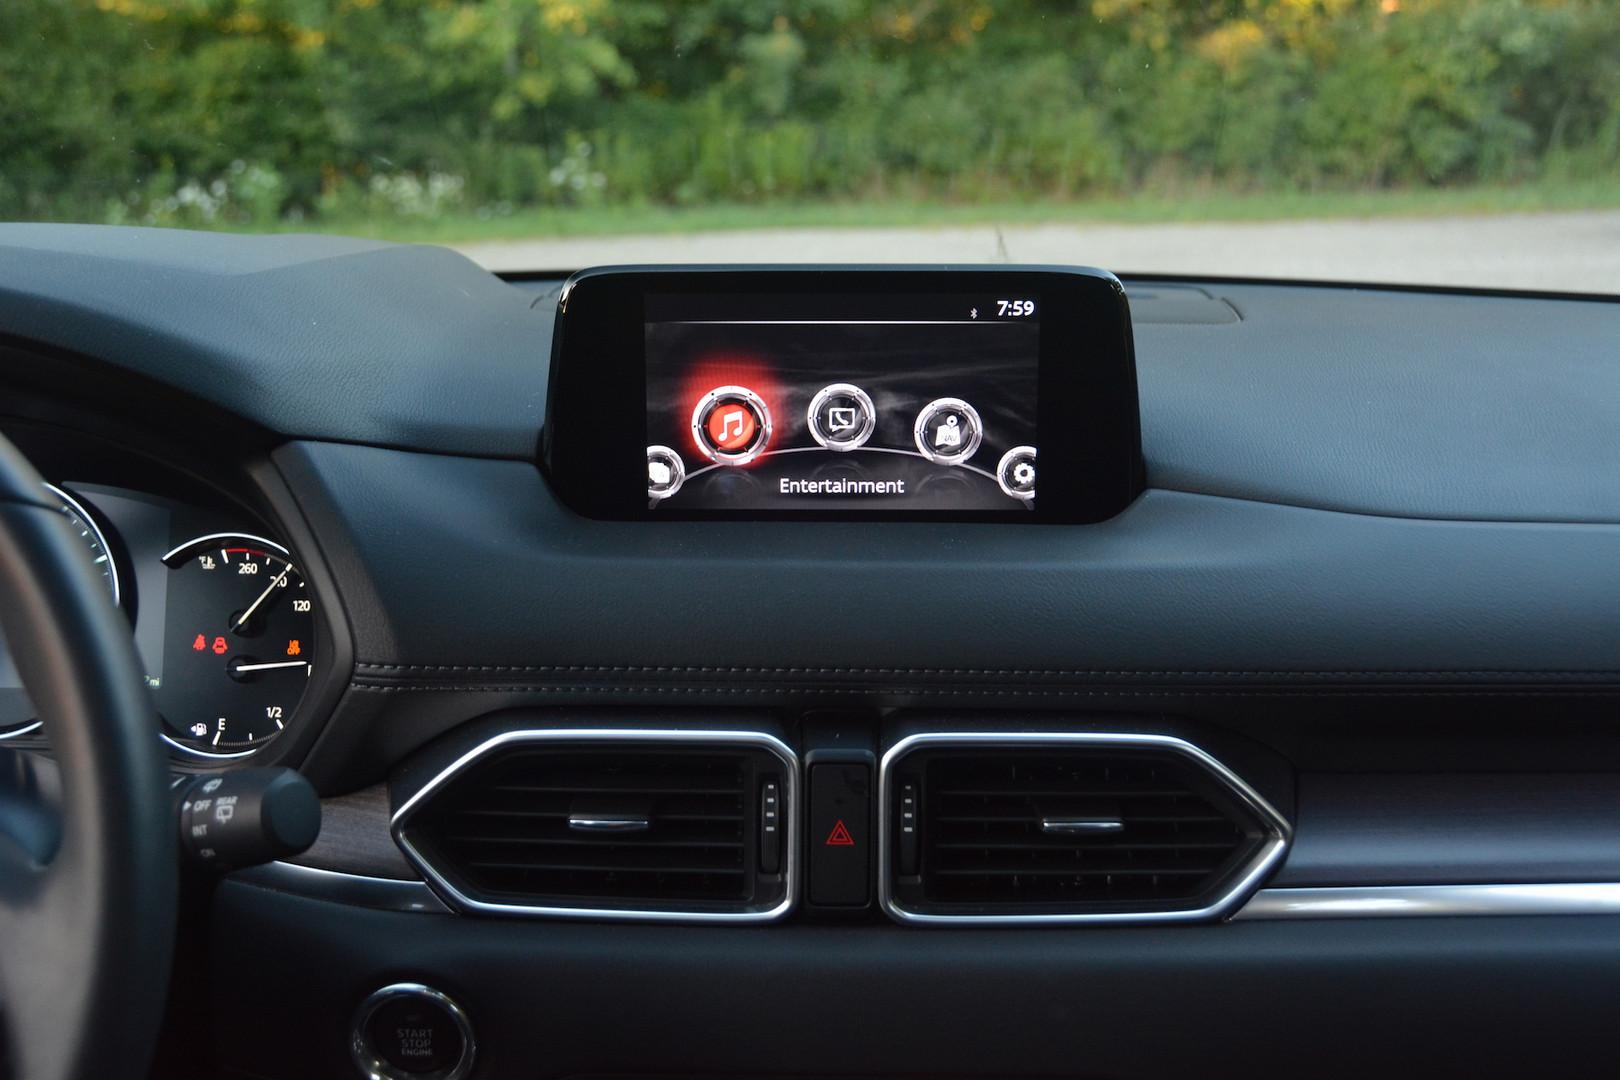 2019 Mazda CX5 Interior